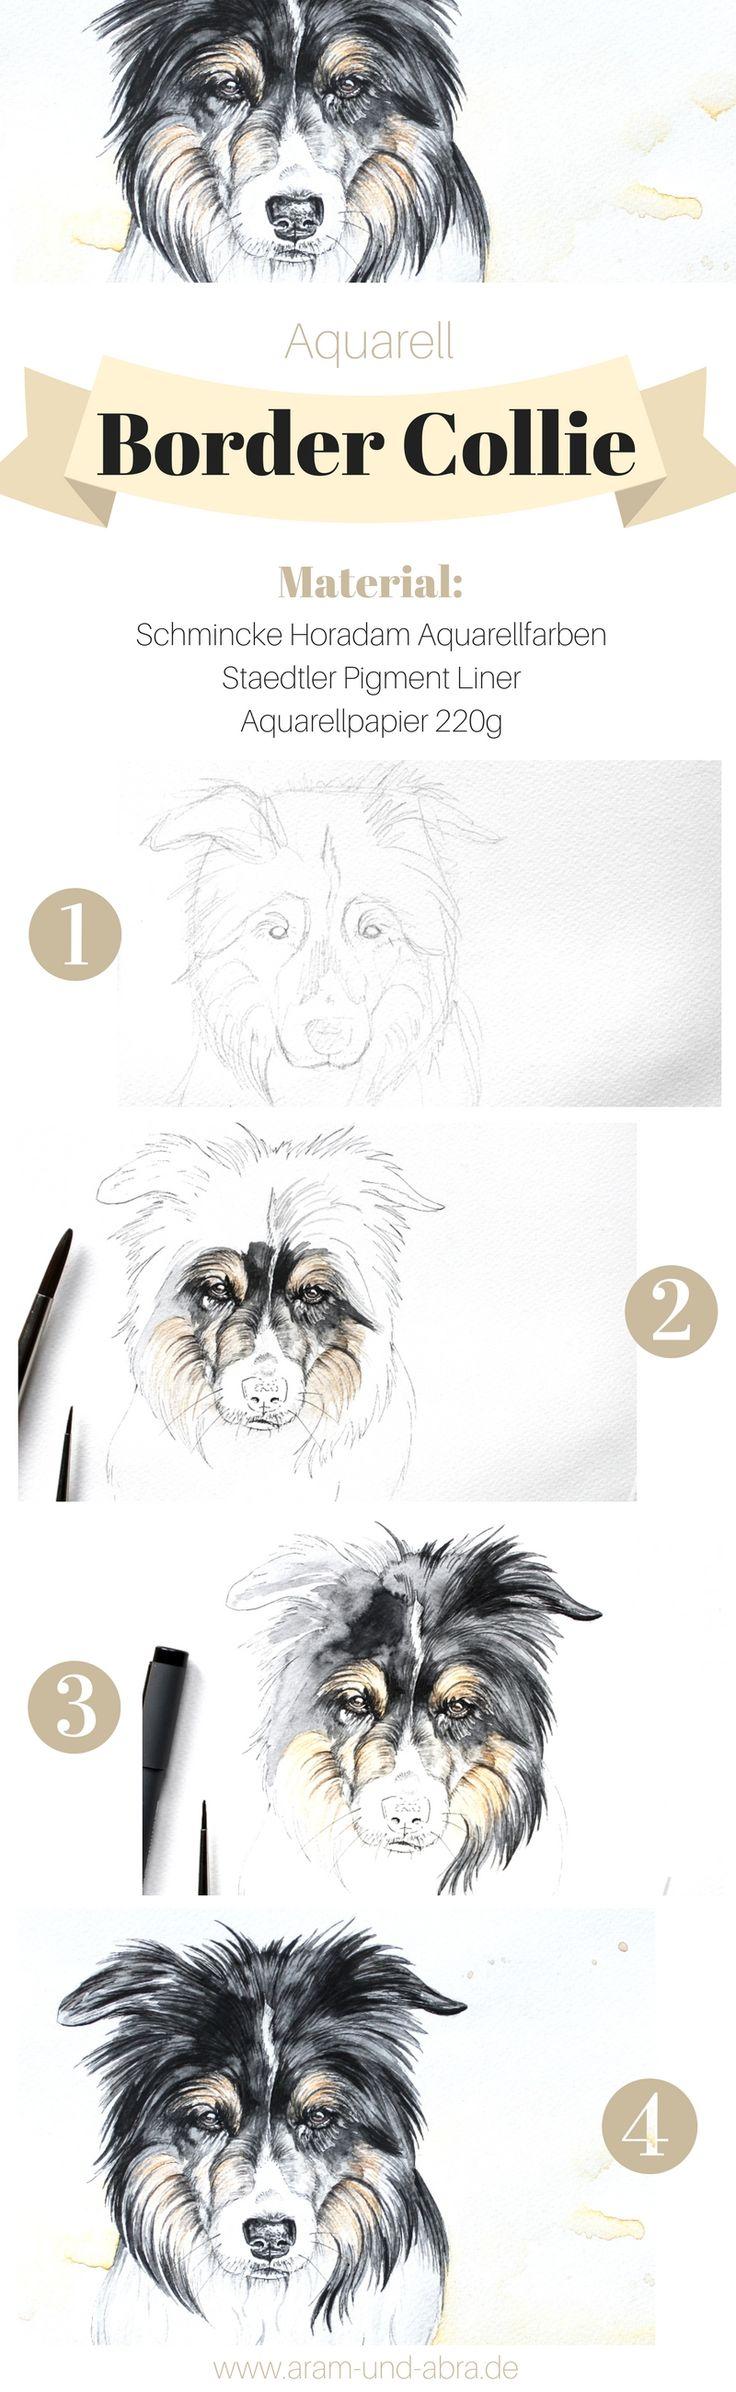 Zeichnung Aquarell von Hund (Border Collie) Bely. Tierportraits und Illustrationen von Aram und Abra.